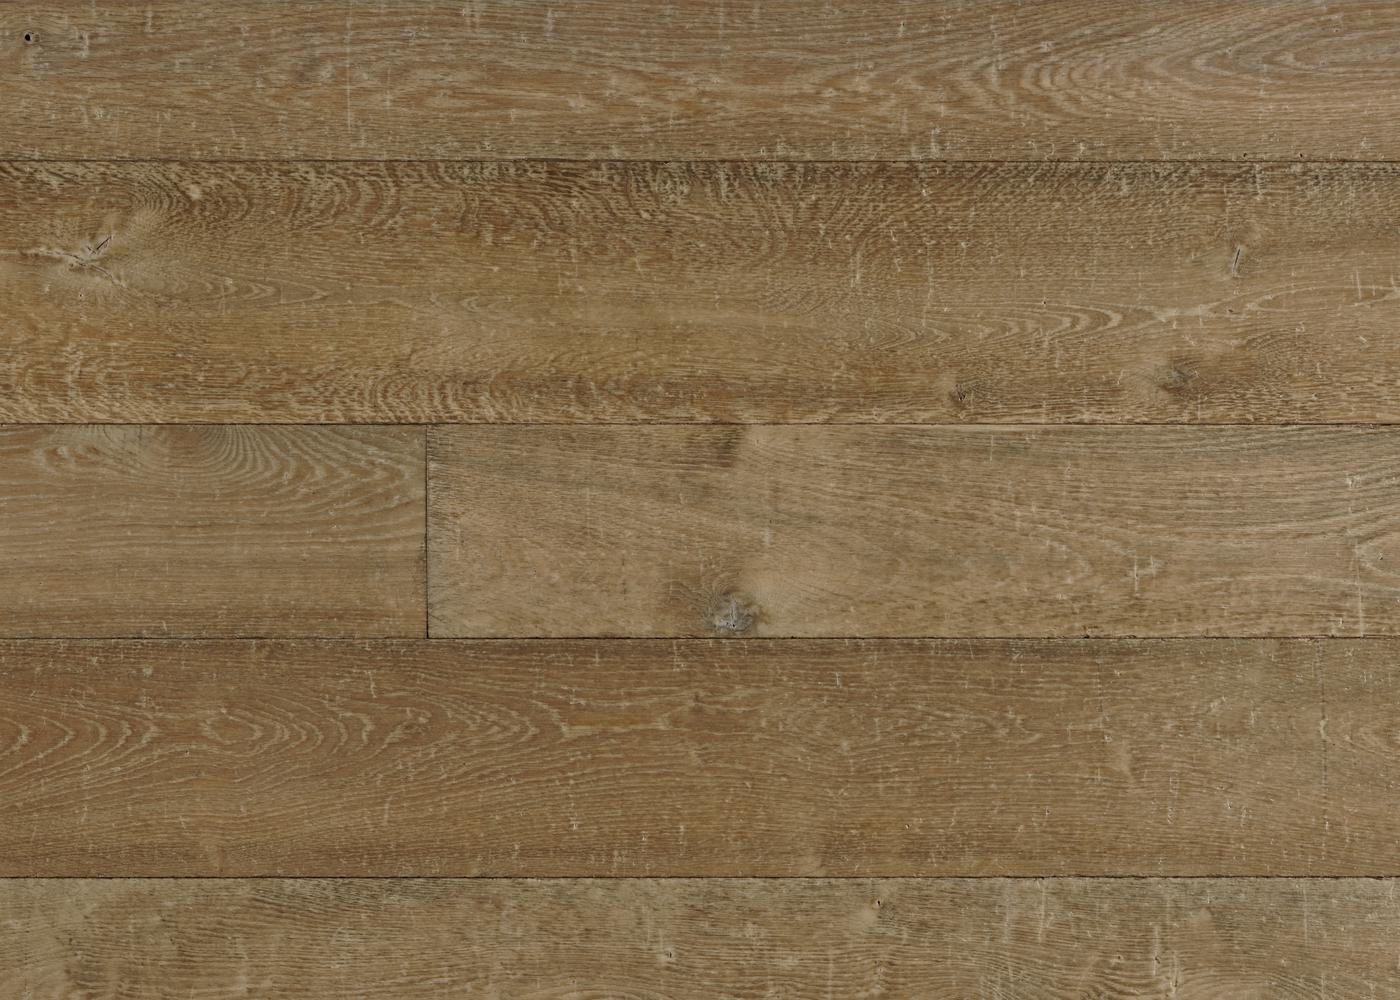 Lot 80 - Parquet massif chêne vieilli tons bruns clairs - finition huile aqua - Epaisseur: 20mm - Largeur panachées : 140/180/220mm - Longueur: 1800 à 2700mm - PEFC - 40 m2